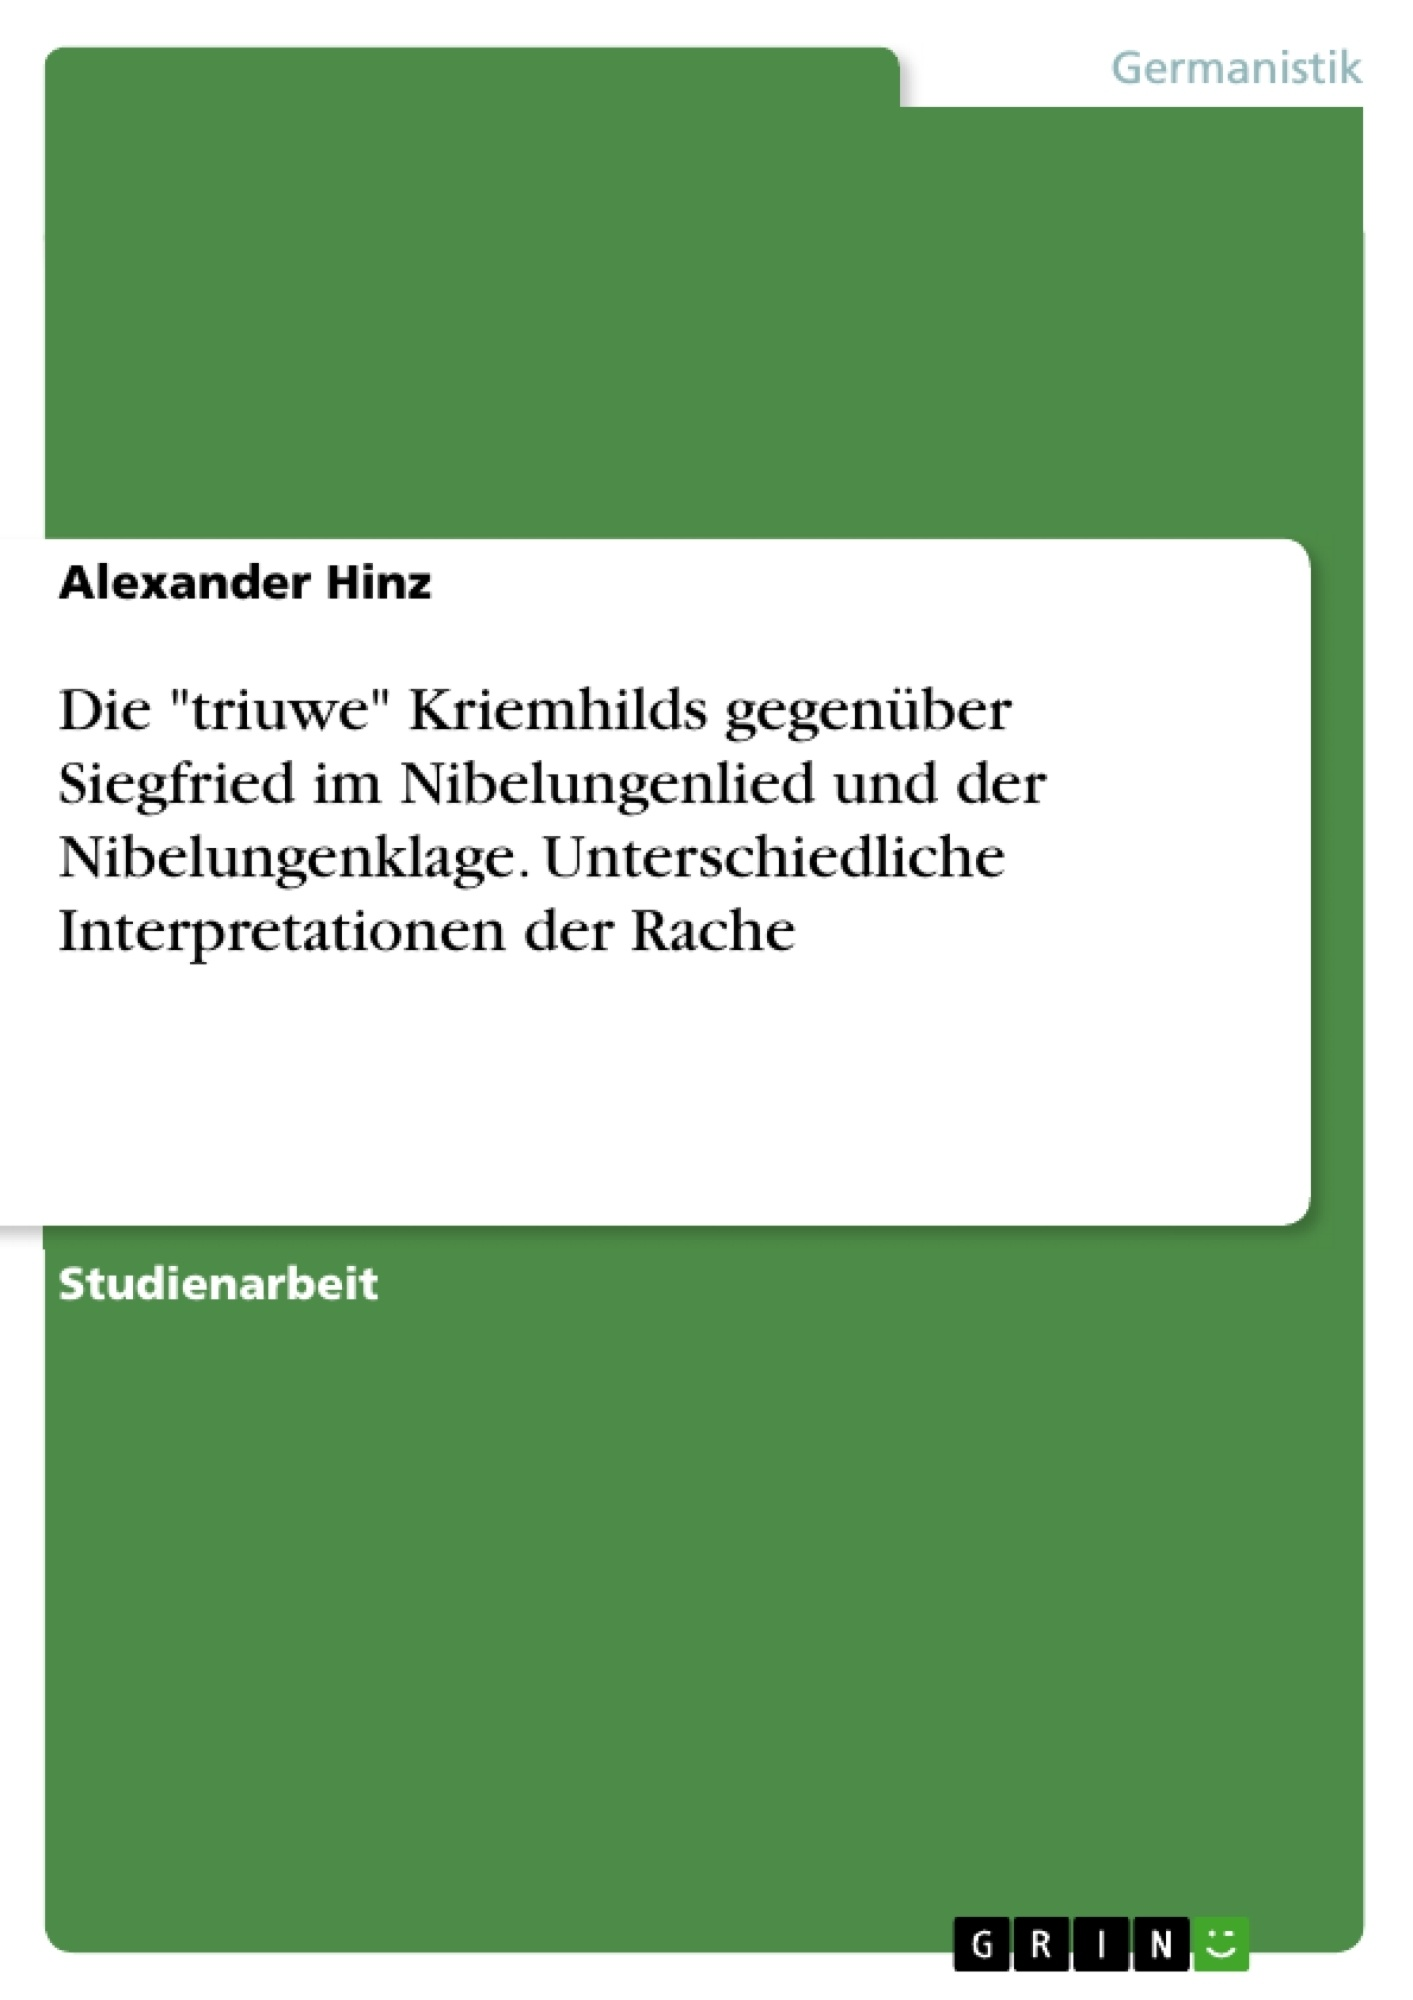 """Titel: Die """"triuwe"""" Kriemhilds gegenüber Siegfried im Nibelungenlied und der Nibelungenklage. Unterschiedliche Interpretationen der Rache"""